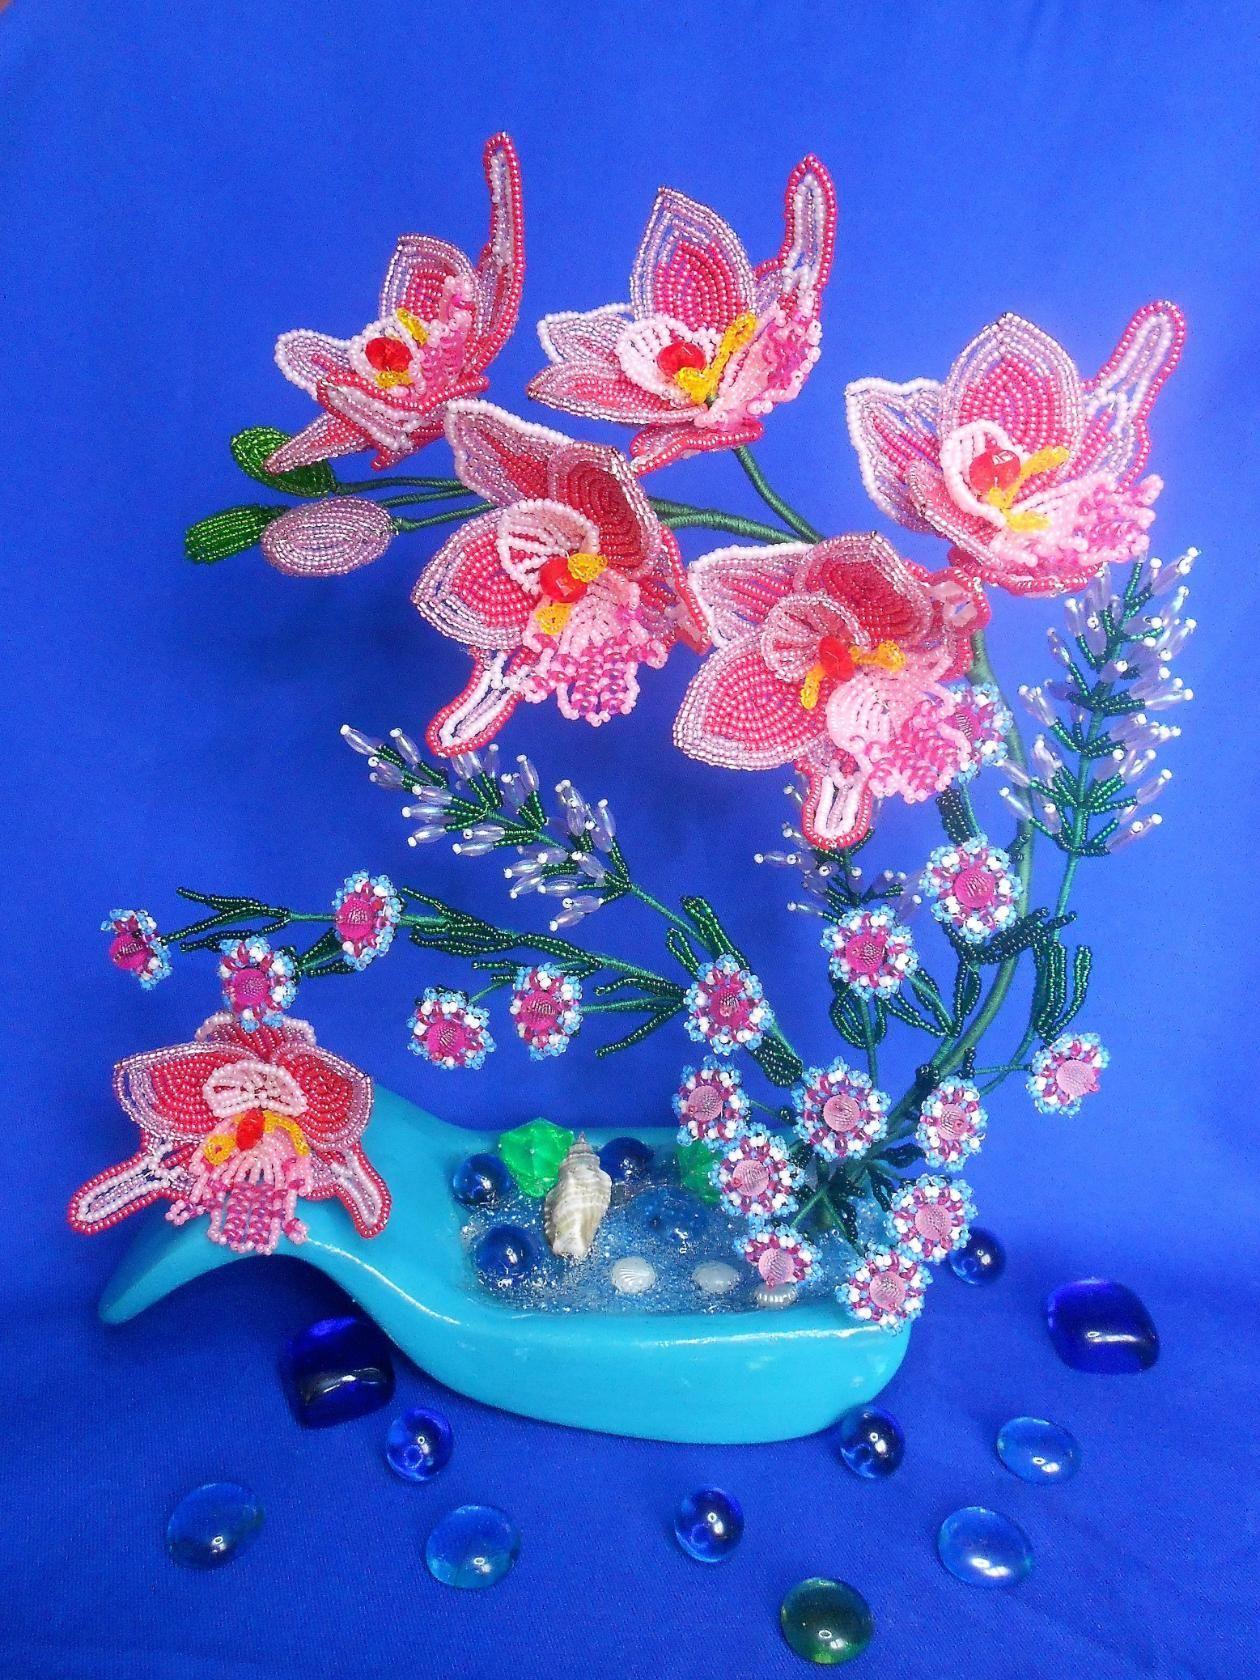 бисеры плетение картинка с цветами соседним столиком